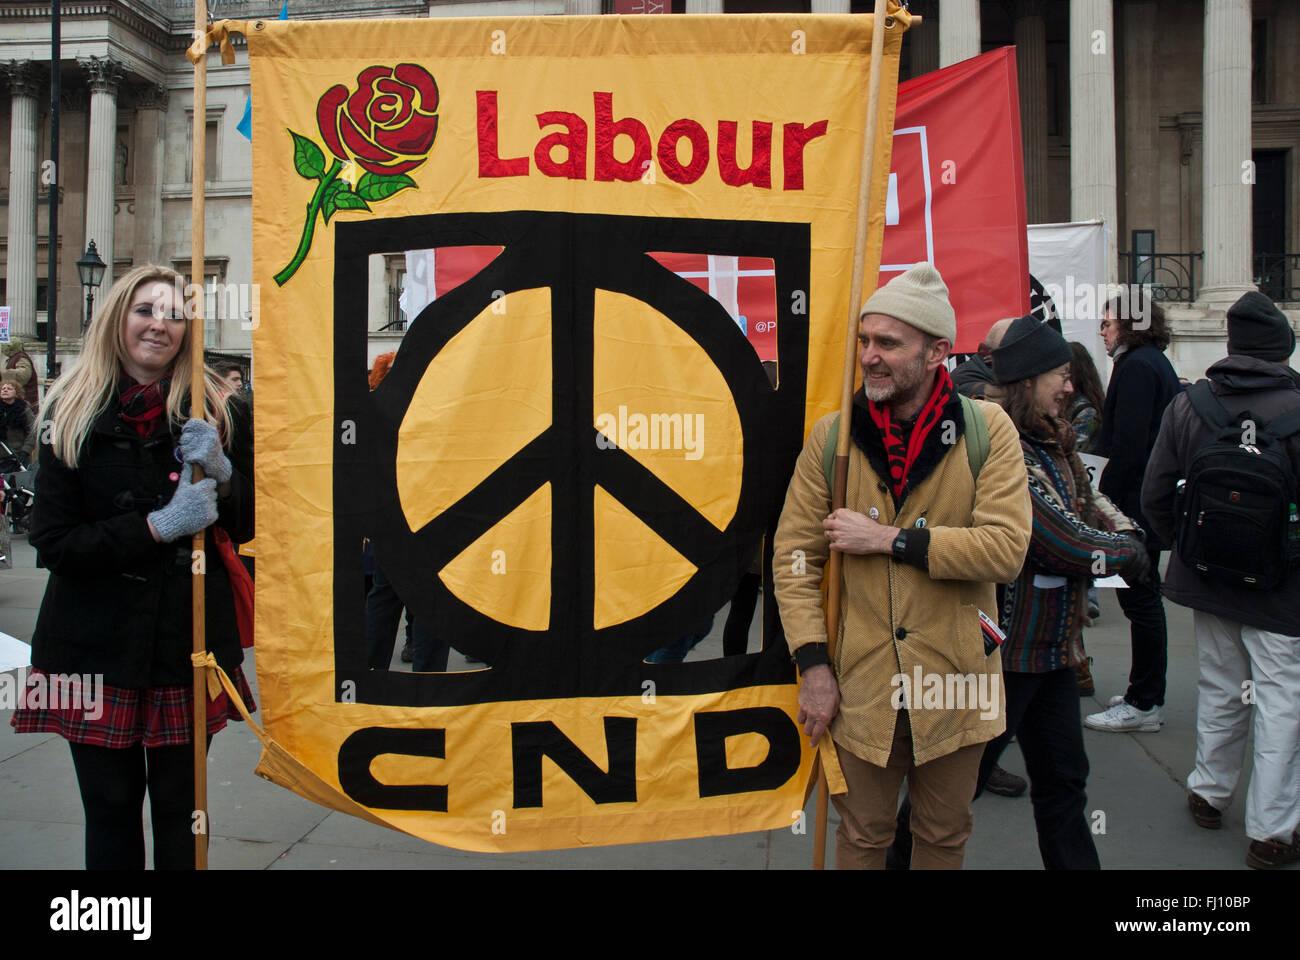 Gran pancarta la vinculación de 'trabajo' y 'cde' con el símbolo de la CND lleva a anti Imagen De Stock